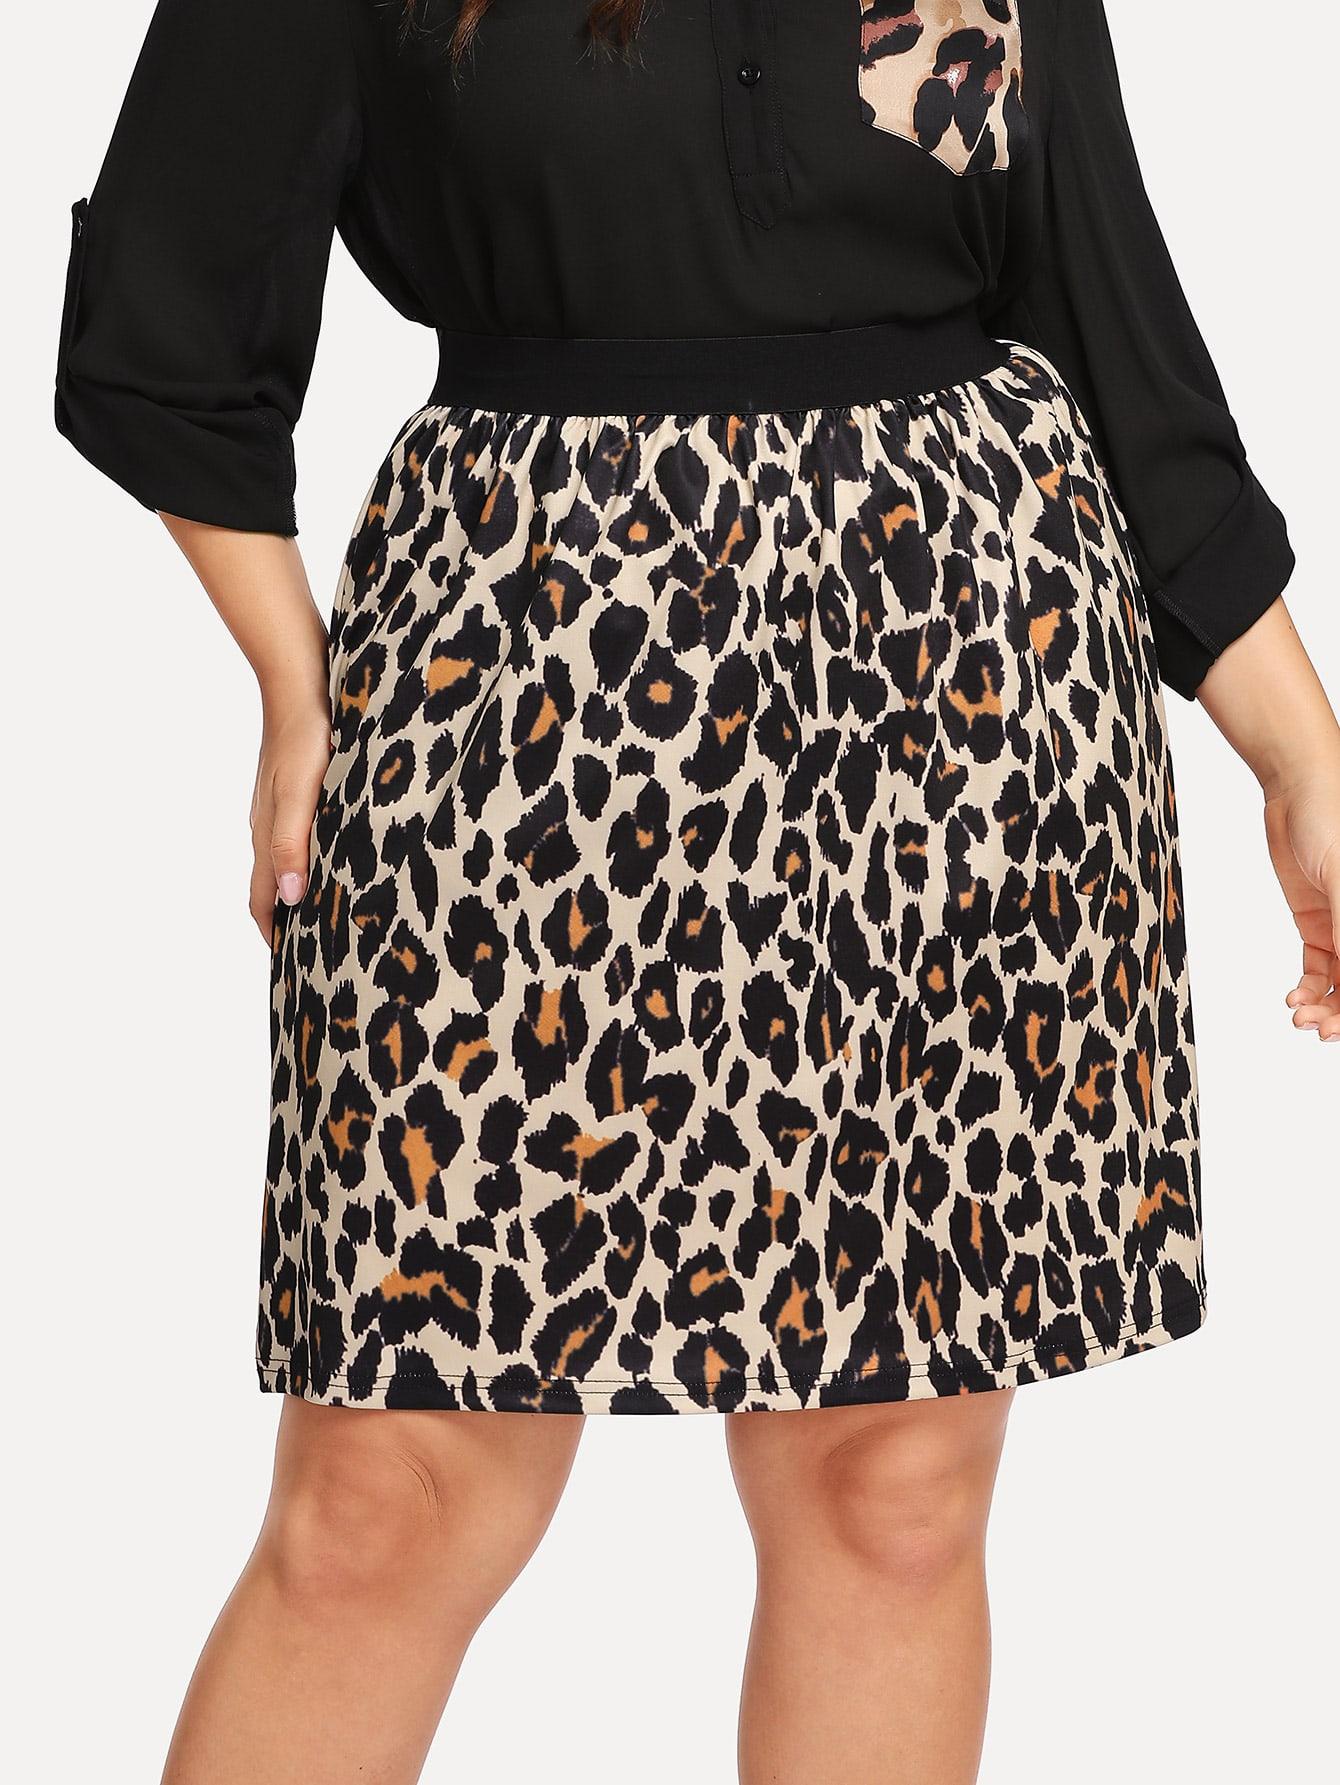 Купить Контрастная юбка пояса с принтом леопардового размера плюс, Franziska, SheIn